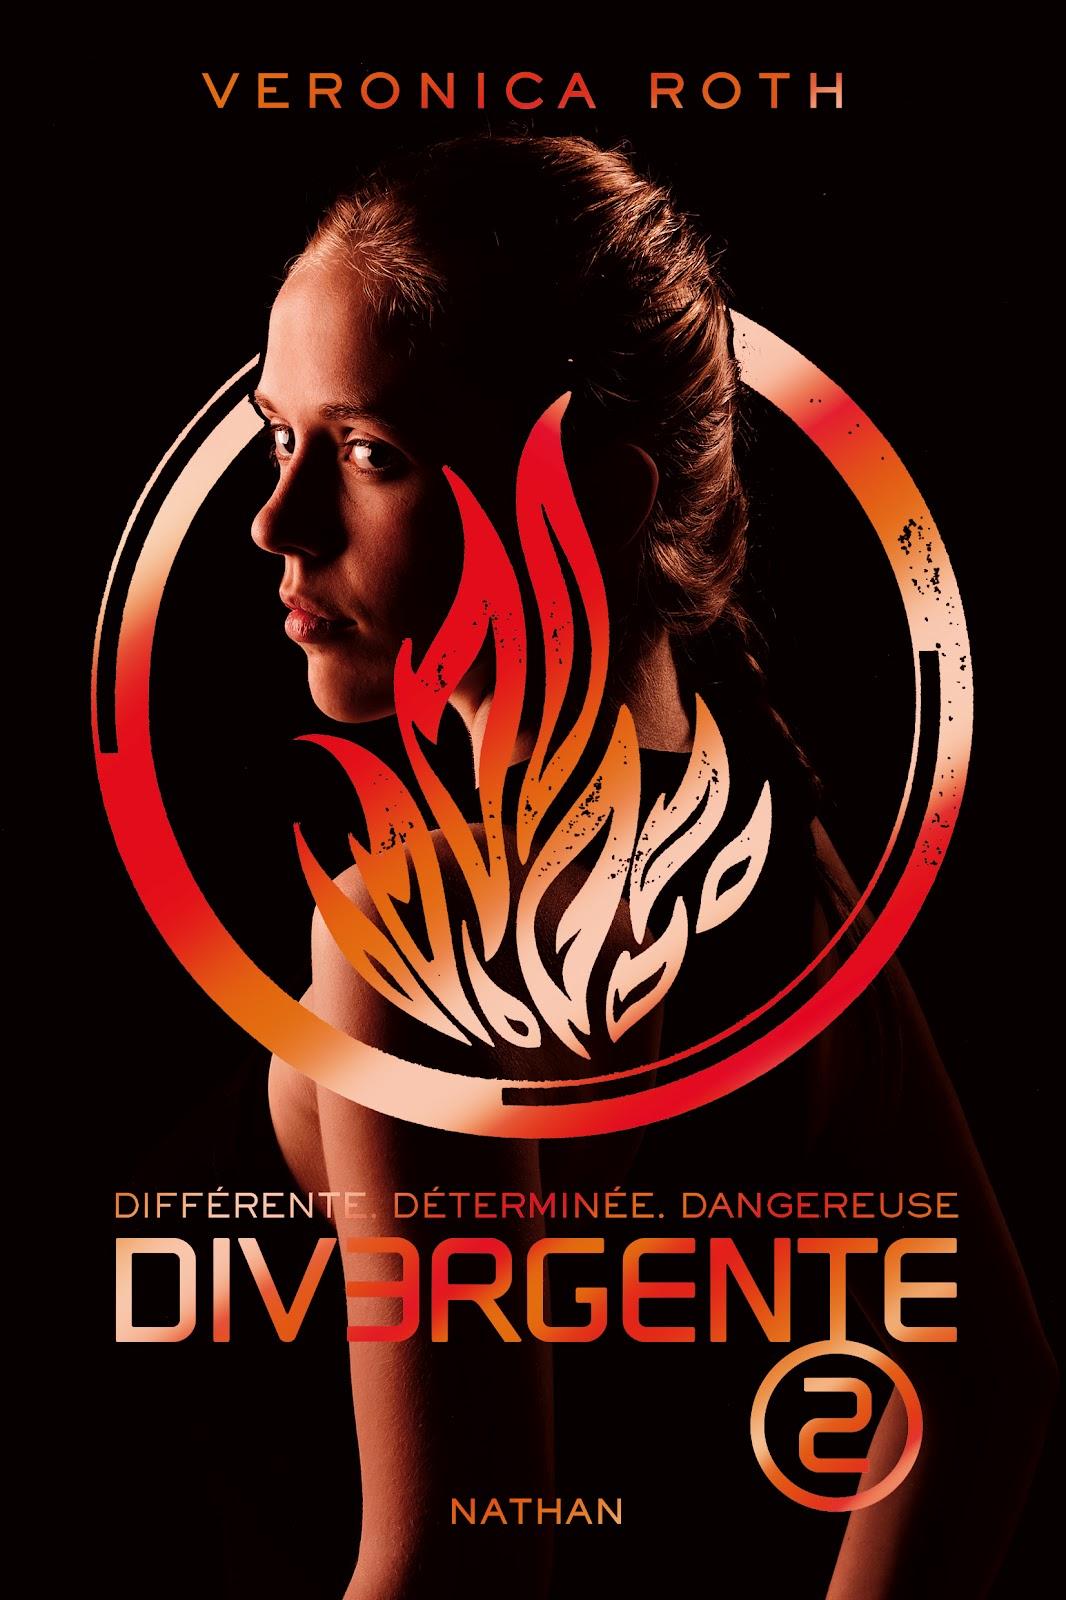 La première bande-annonce pour Divergente 2 : l'insurrection